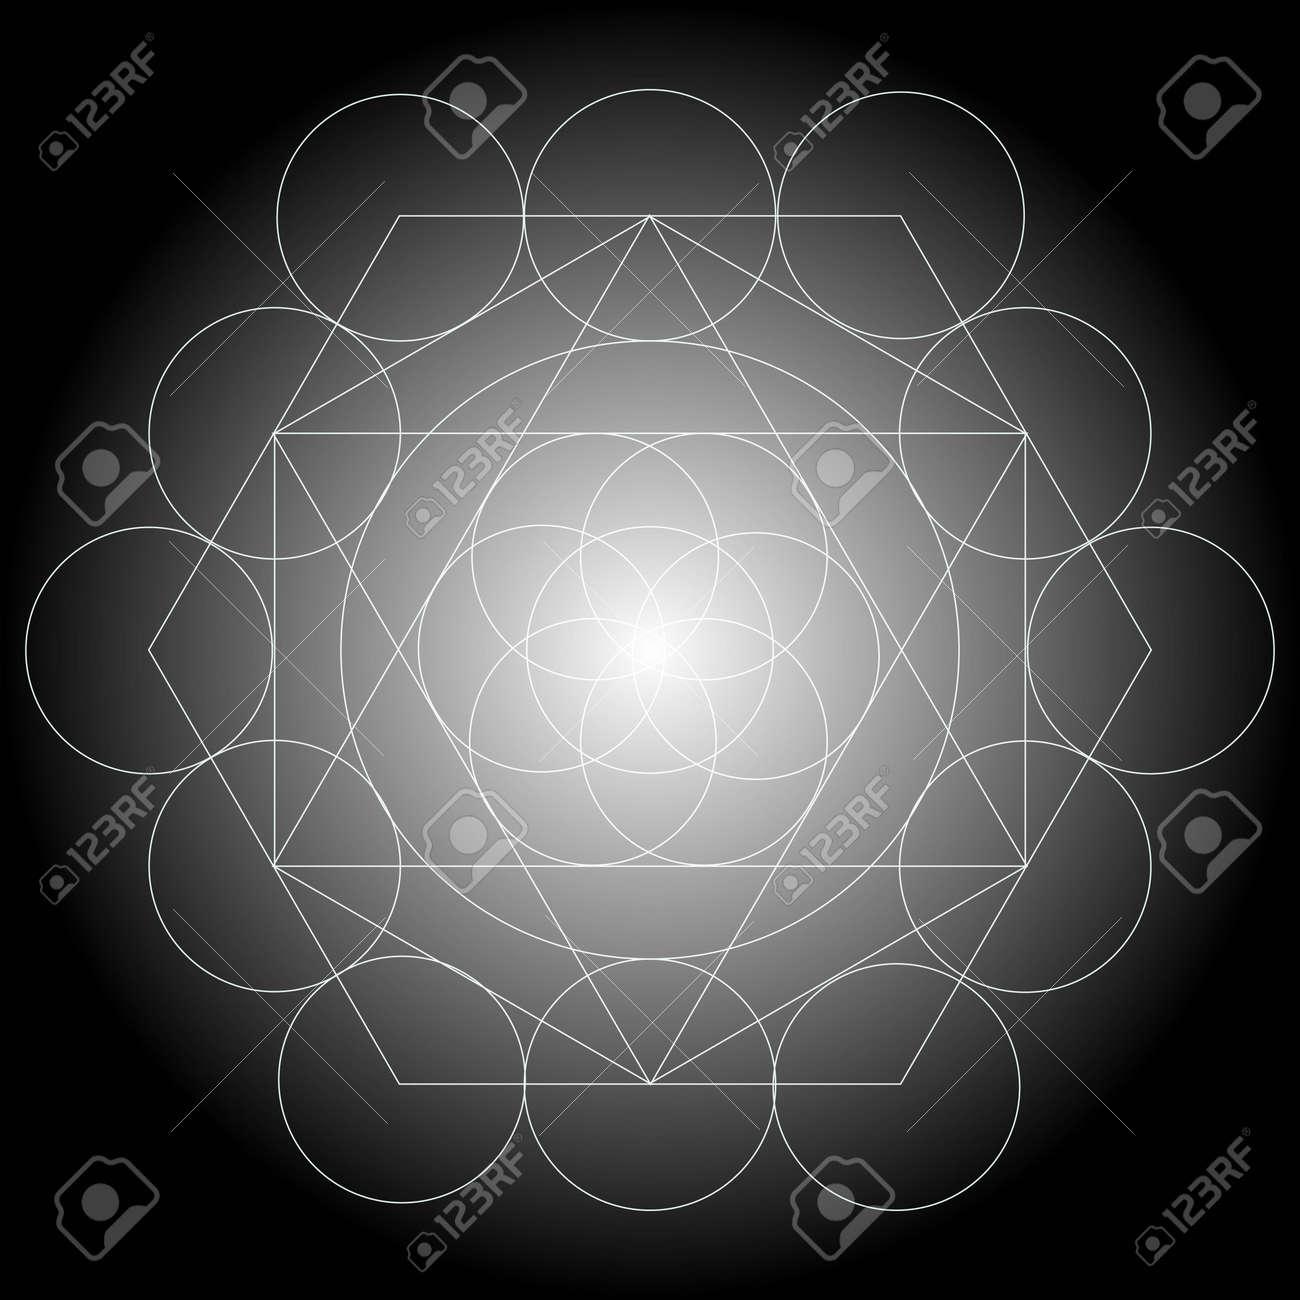 Metatrons Cube Solides Platoniciens Fleur De Vie Hipster Sacre